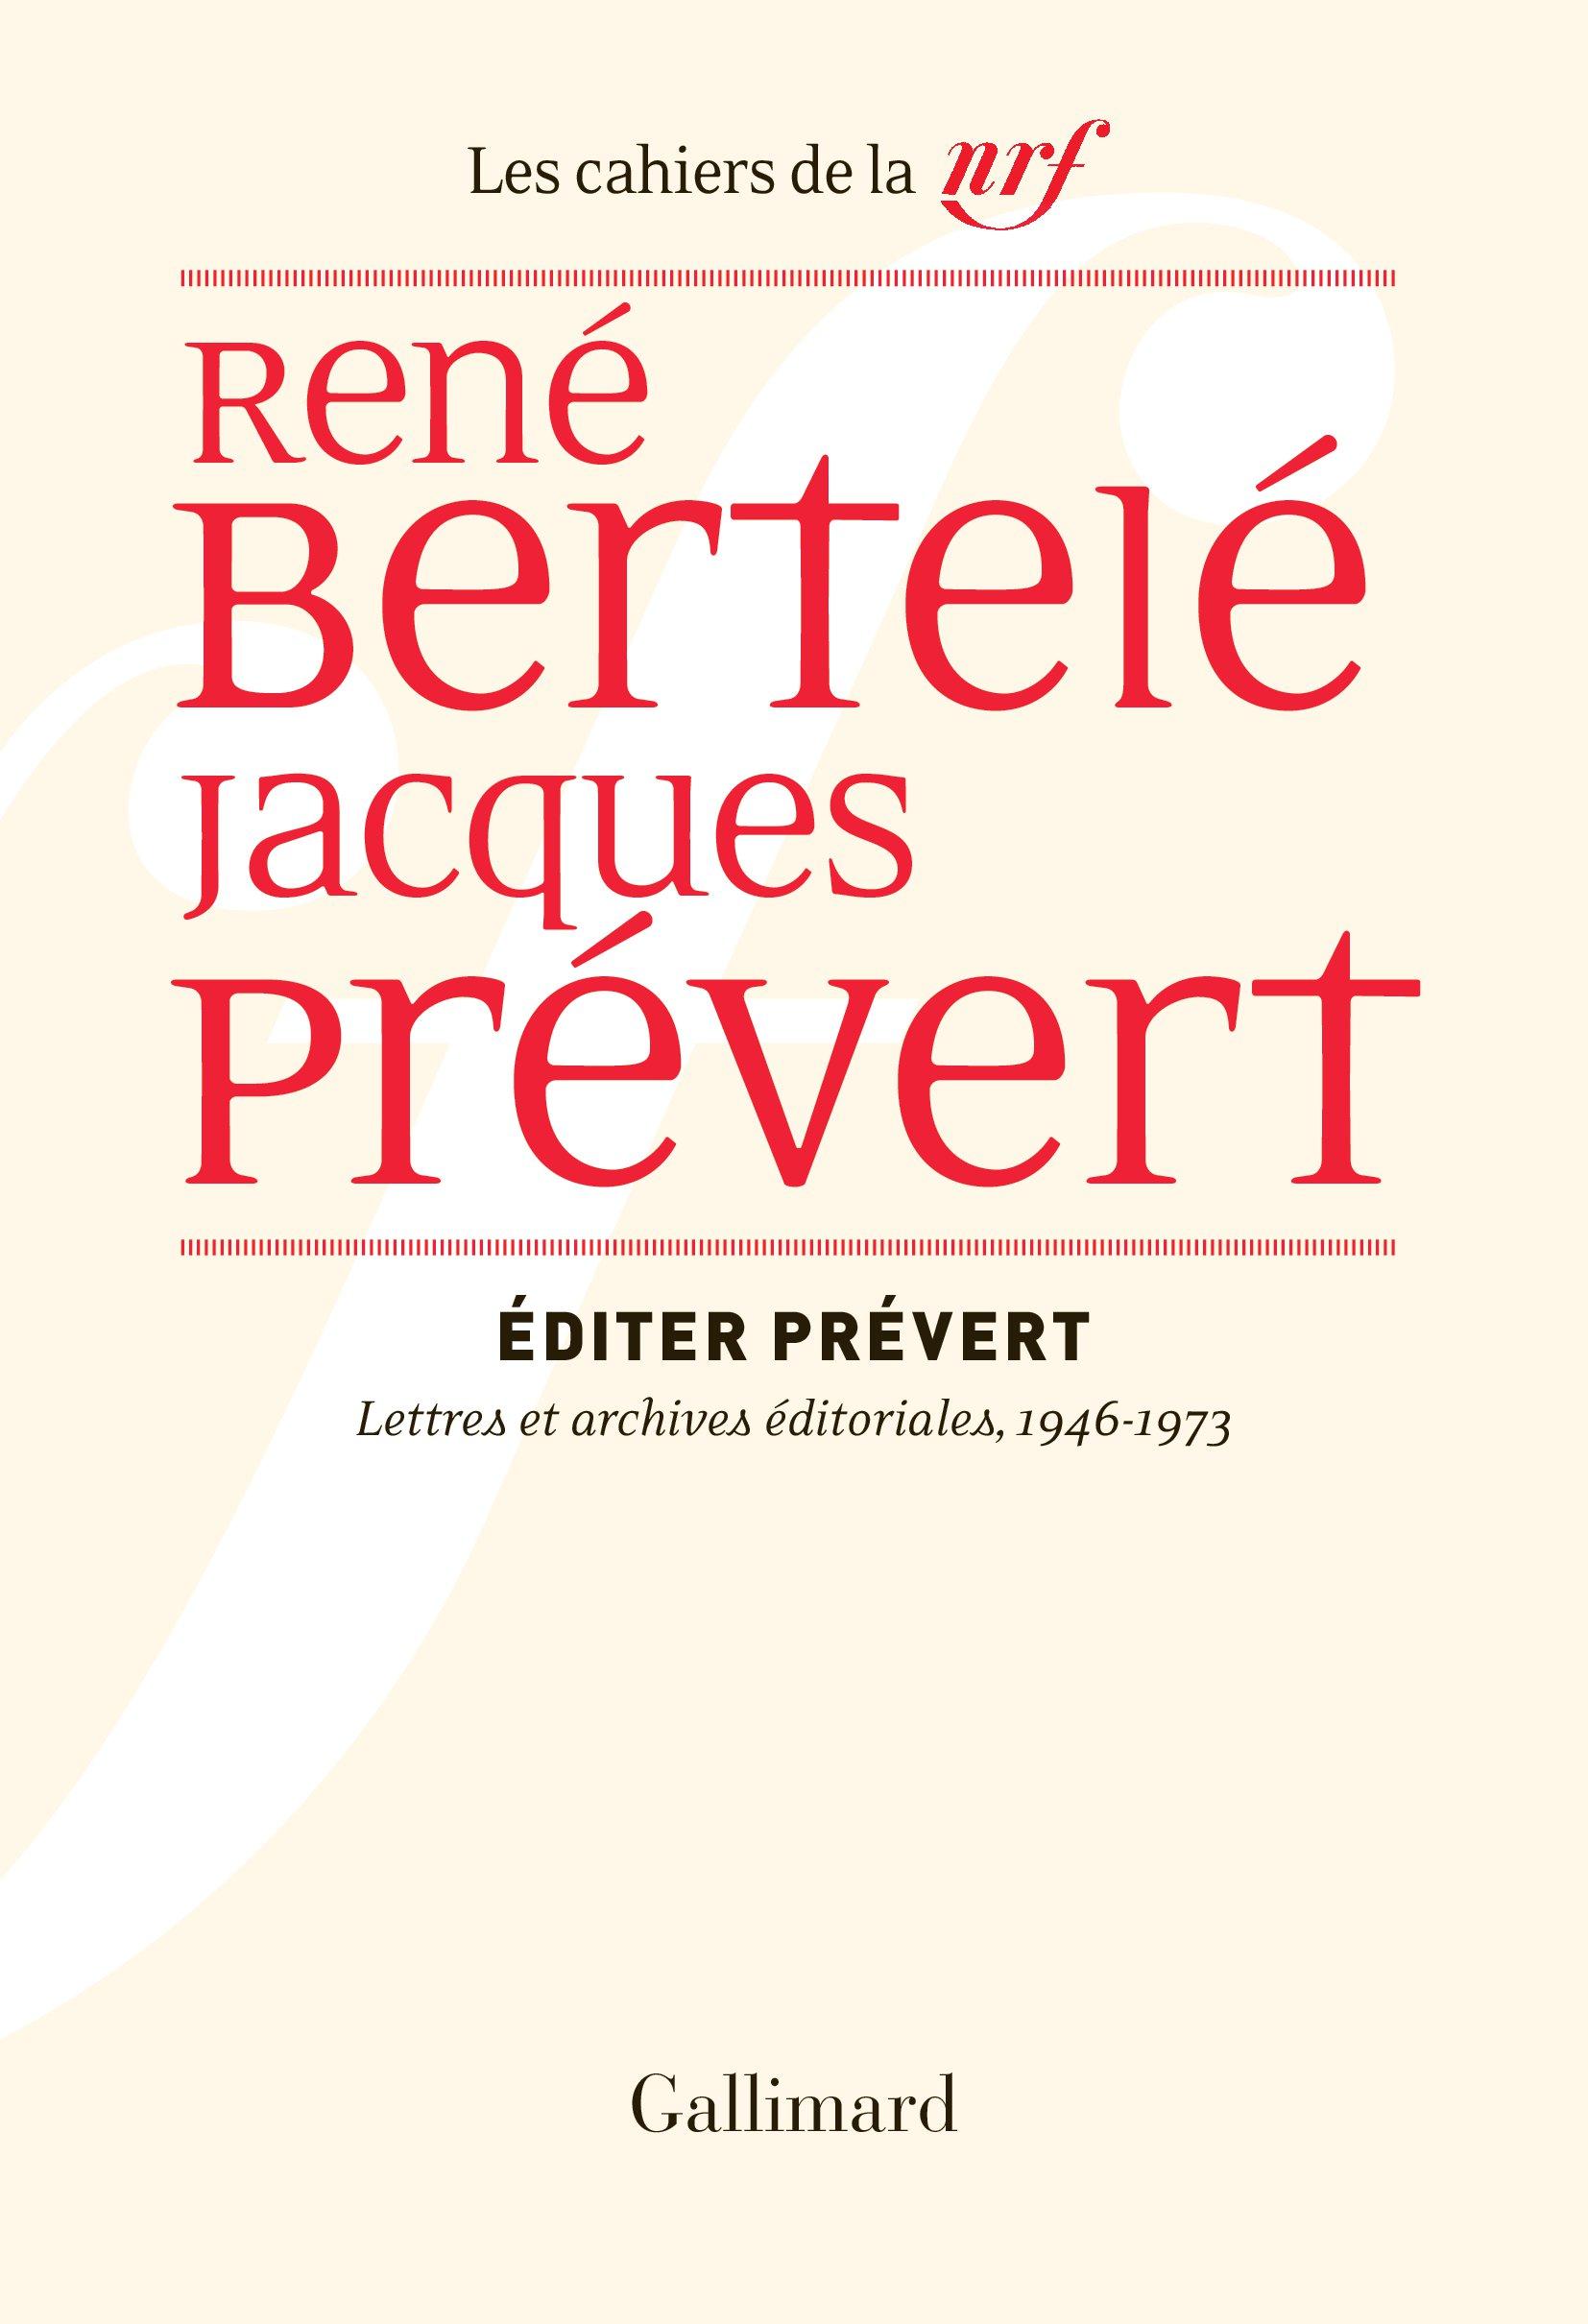 Éditer Prévert. Lettres et archives éditoriales, 1946-1973